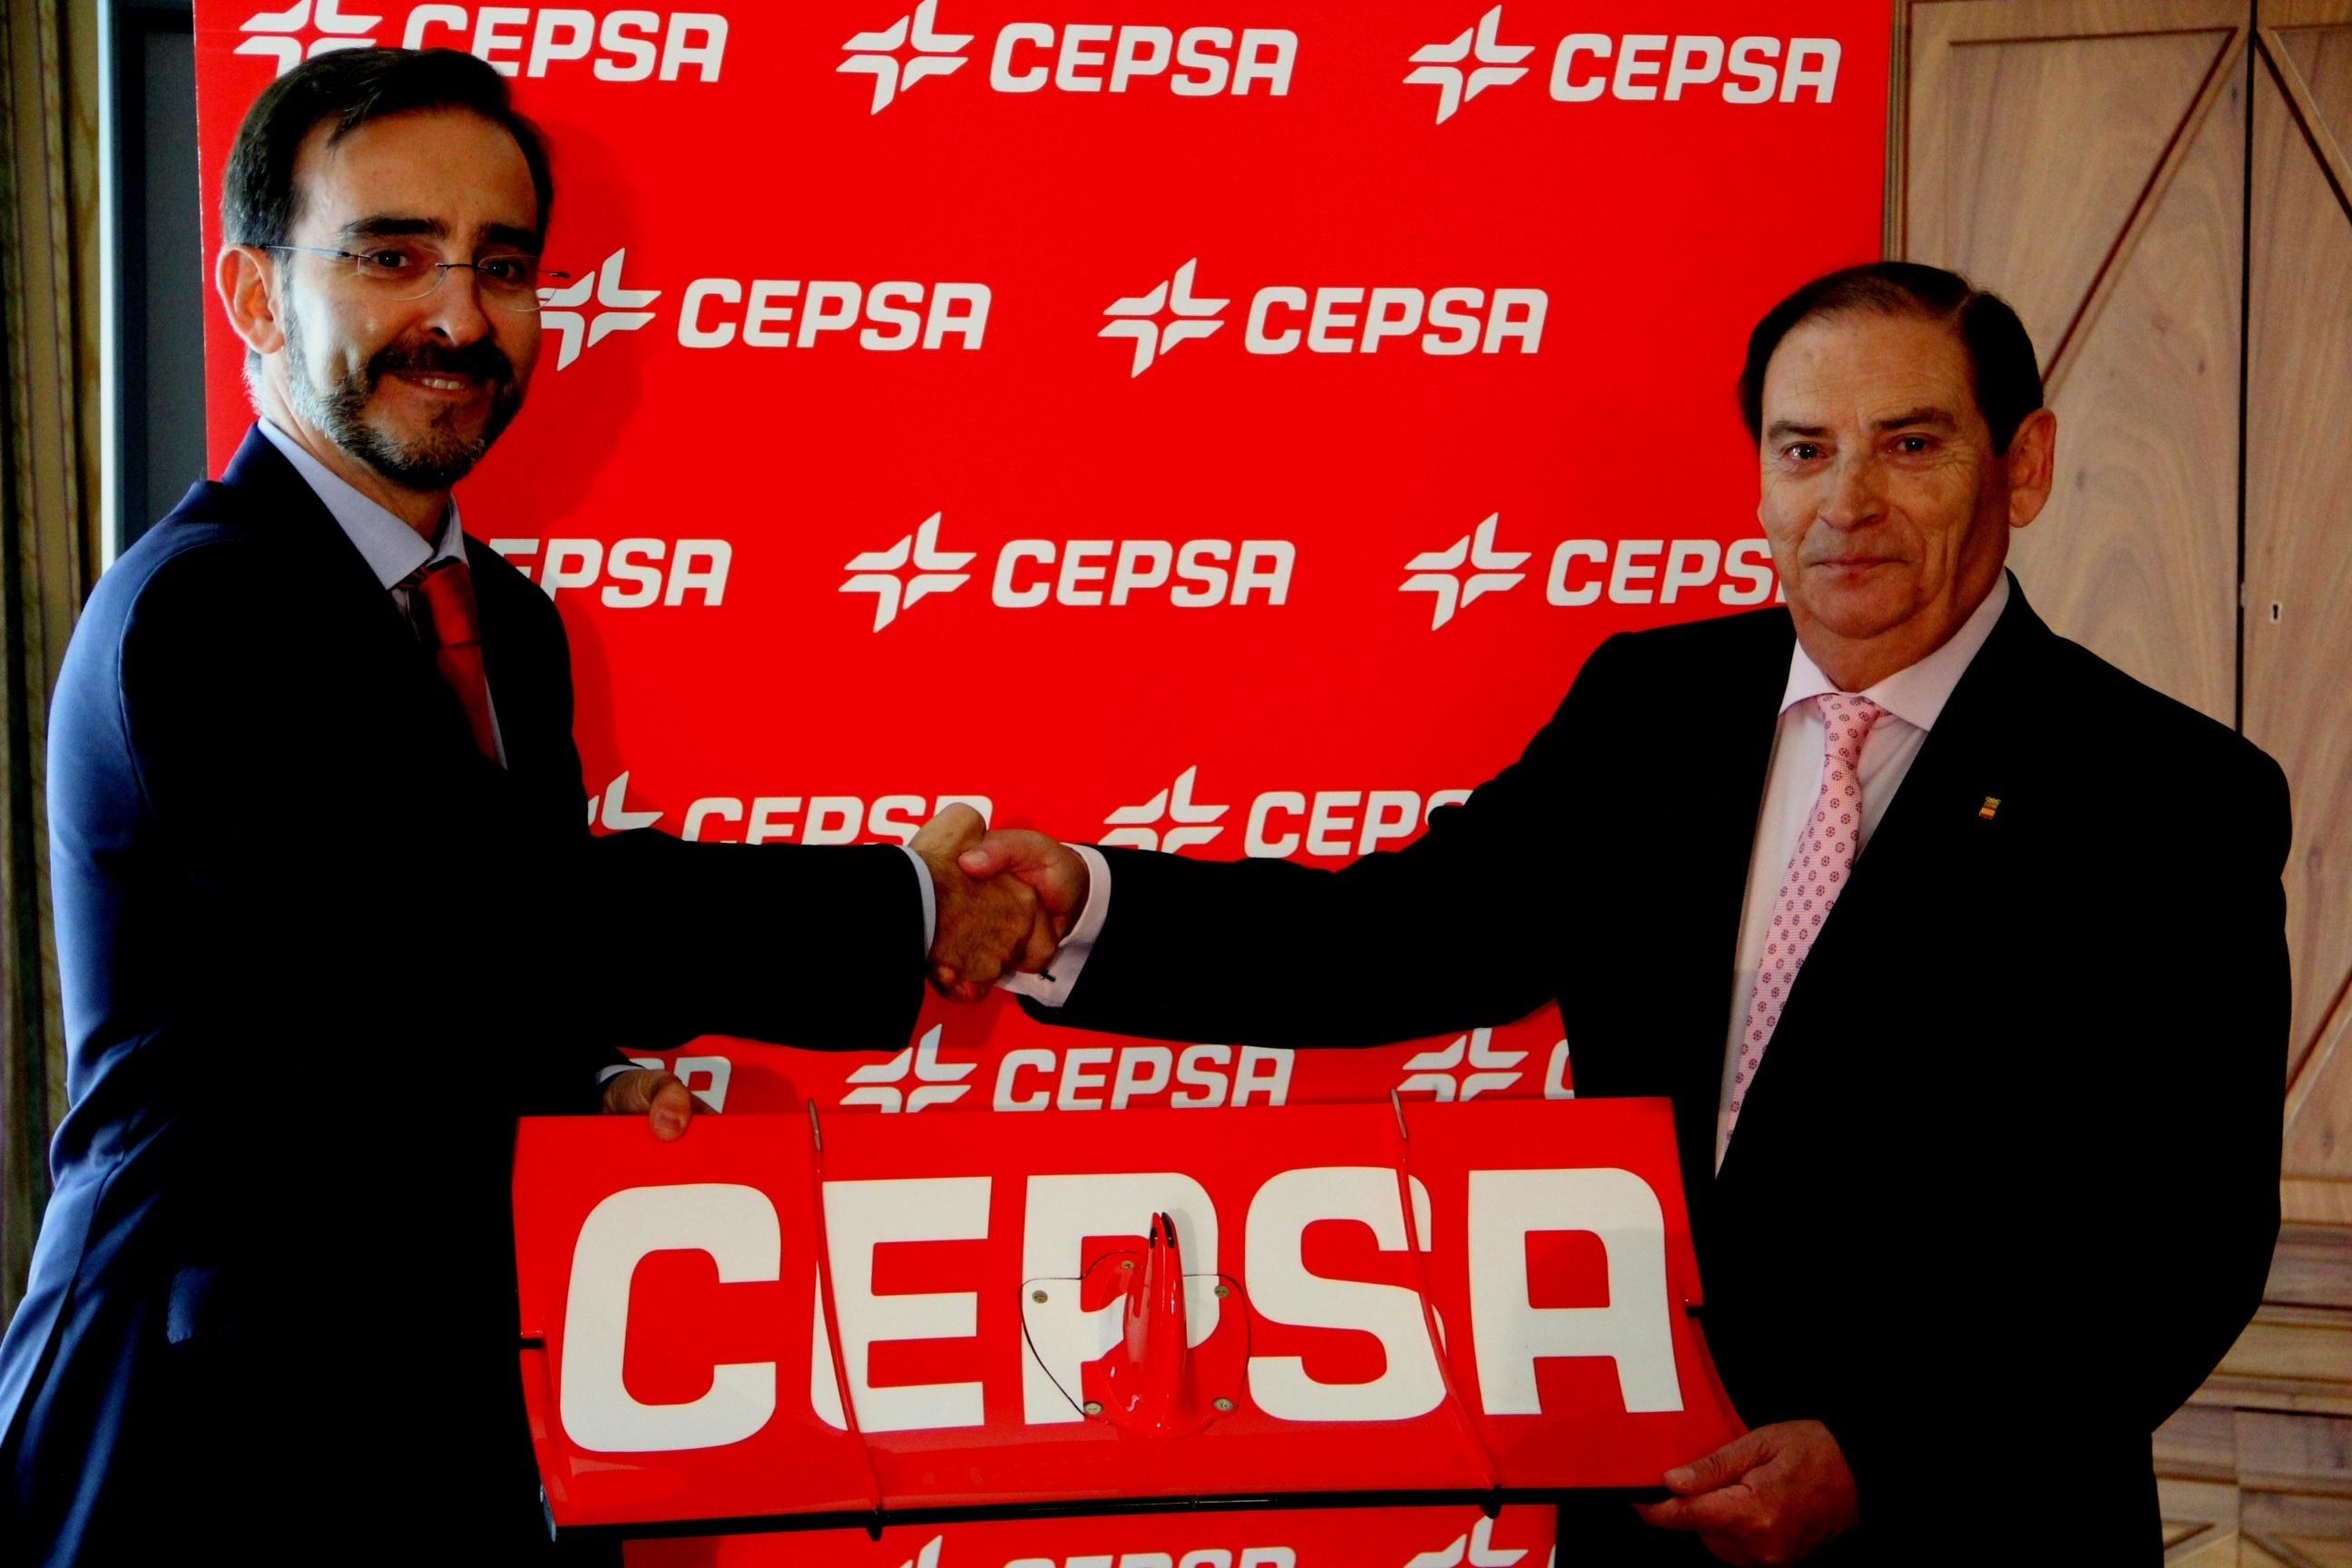 Cepsa patrocinará a la Real Federación Española de Automovilismo